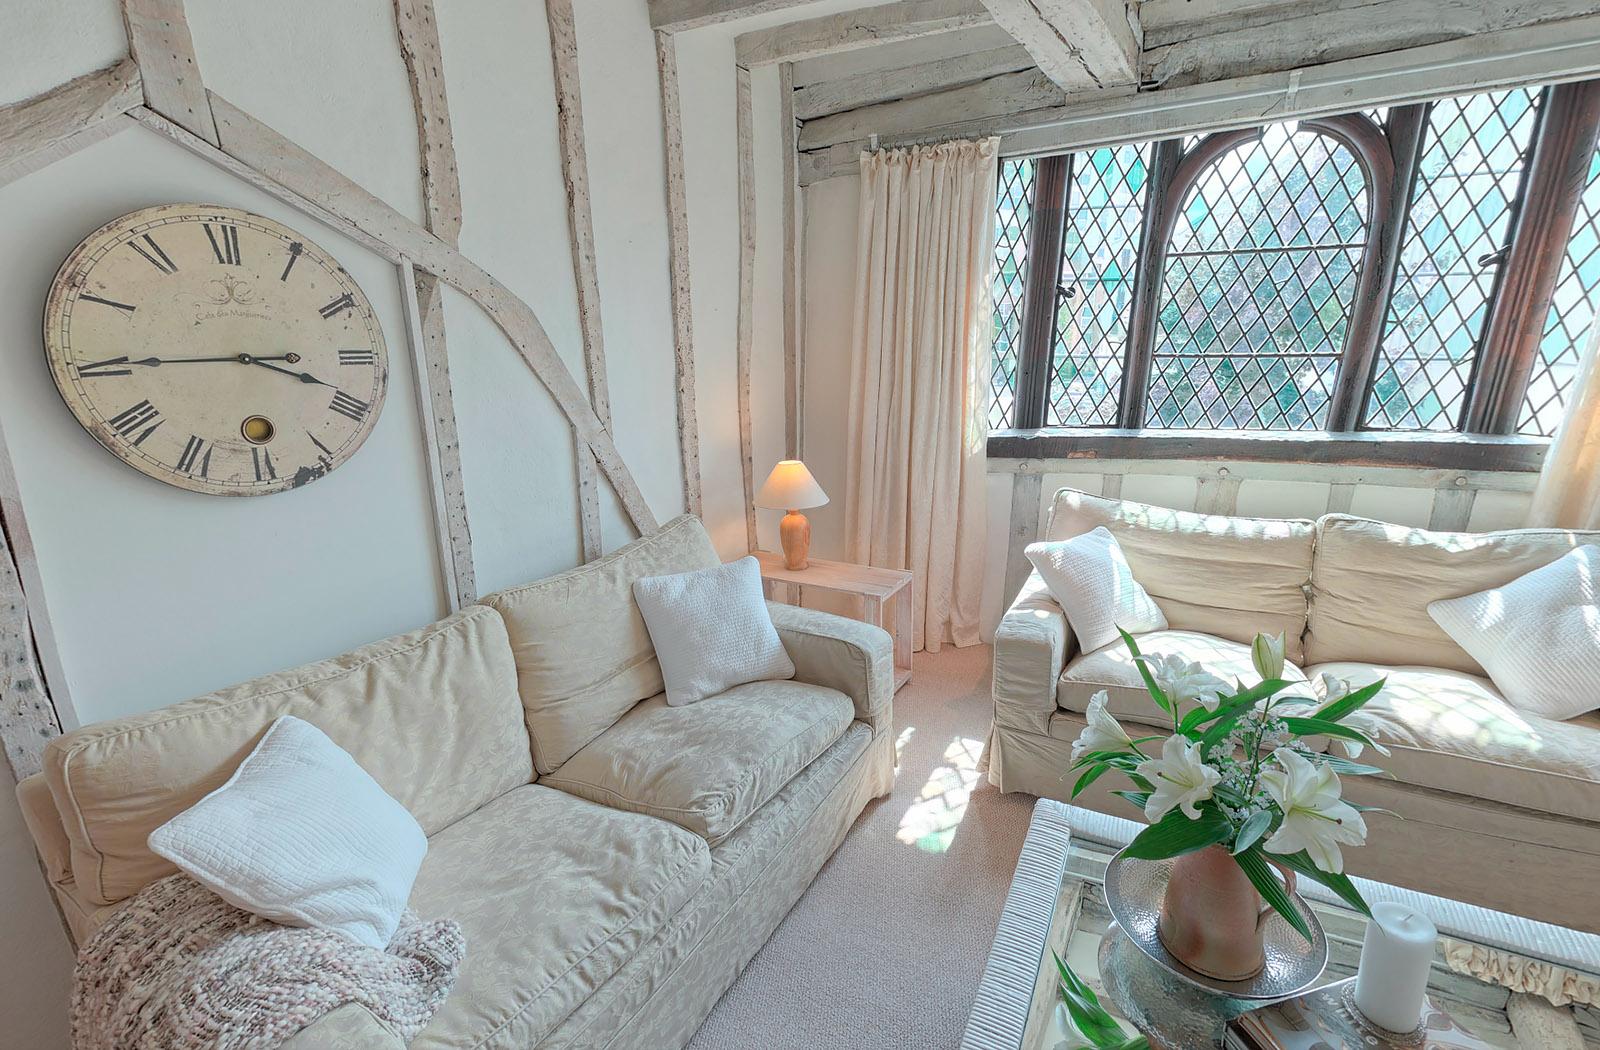 Tudor House 360 Virtual Tour Property Interior Design